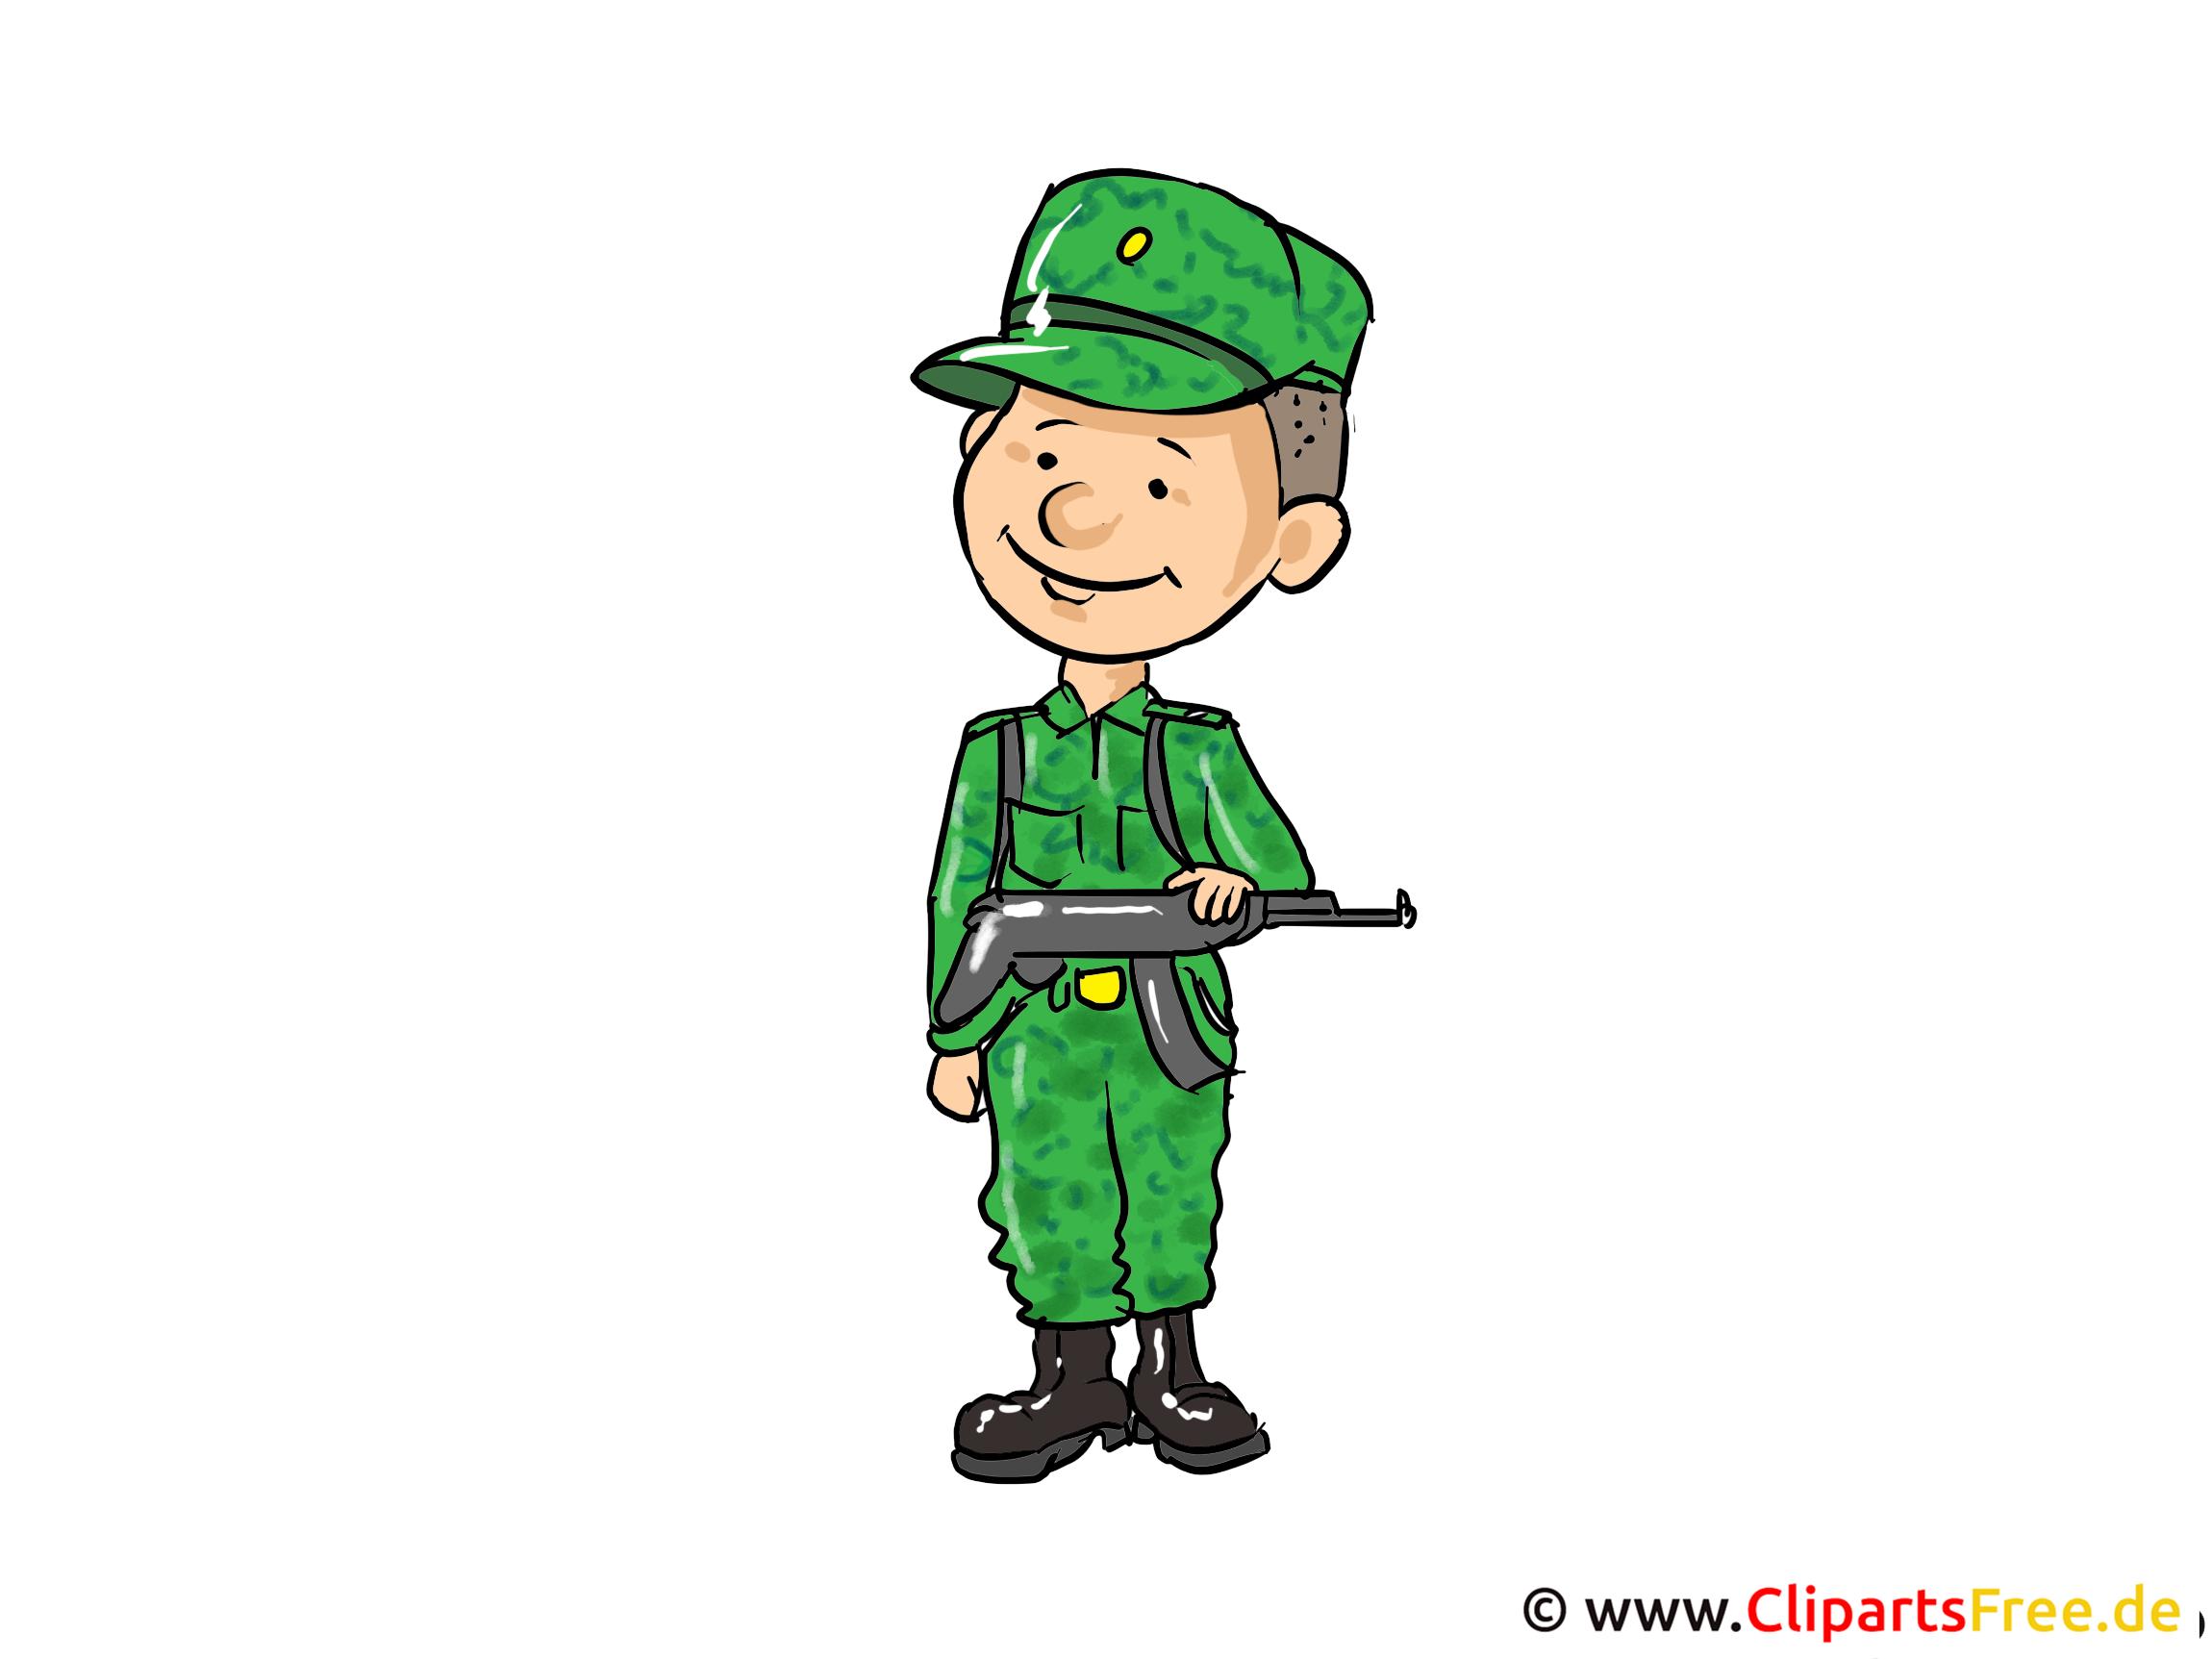 Soldat Bild, Clipart, Cartoon, Illustration kostenlos